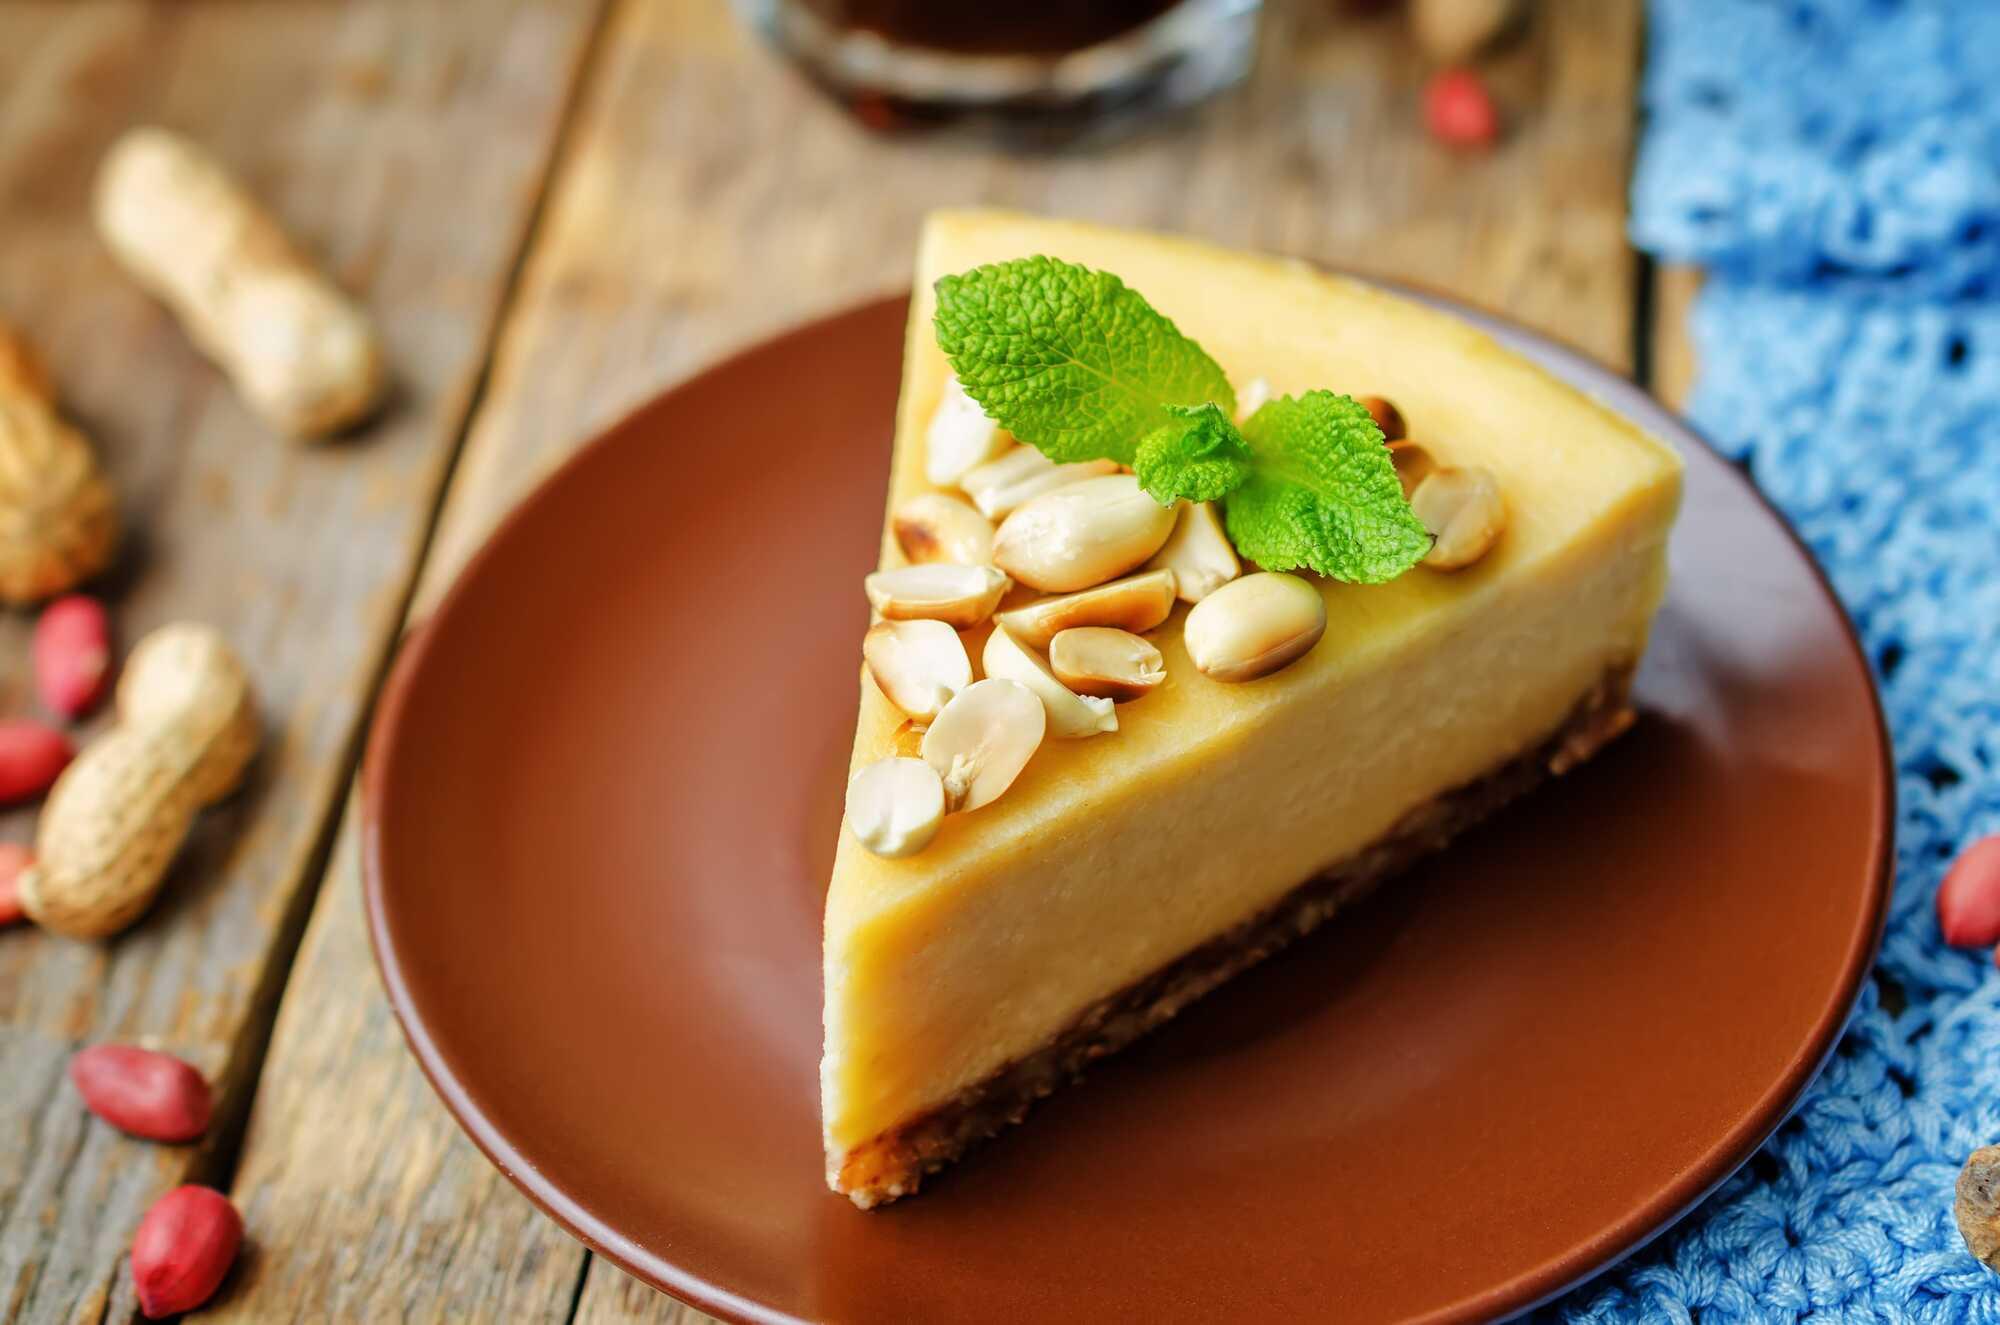 Une grosse et belle tranche de cheesecake montre tout son moelleux et les cacahuètes concassés sommairement sont disposés sur le dessus.